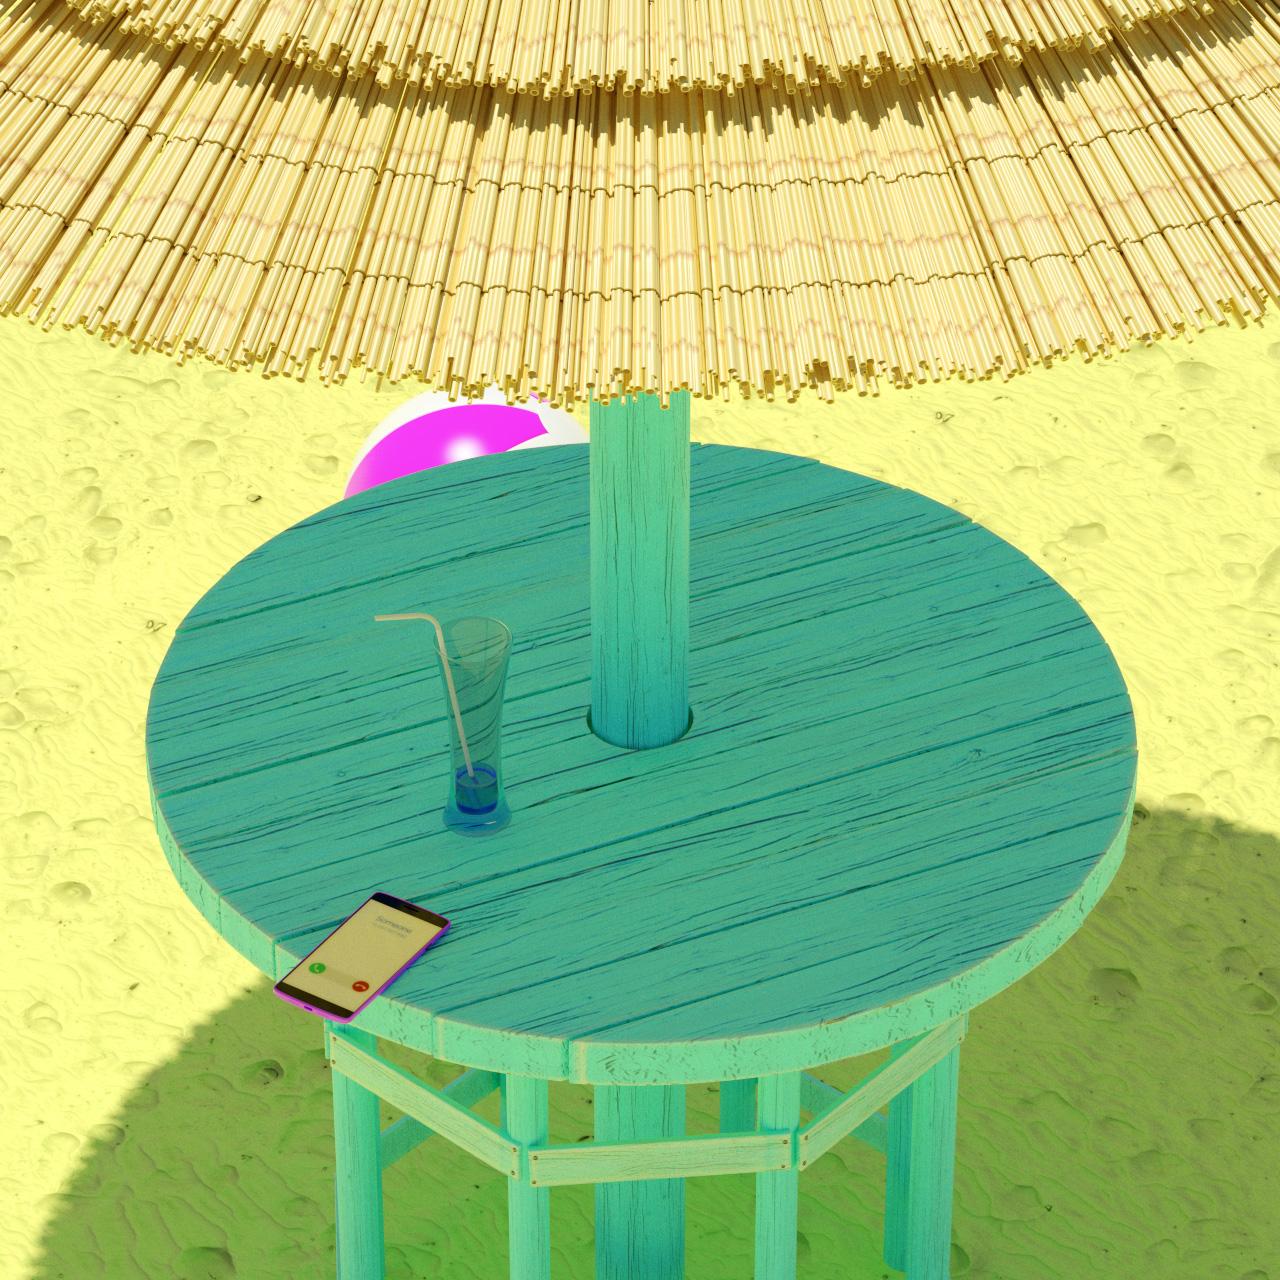 BeachBallin-(0-00-20-21).jpg